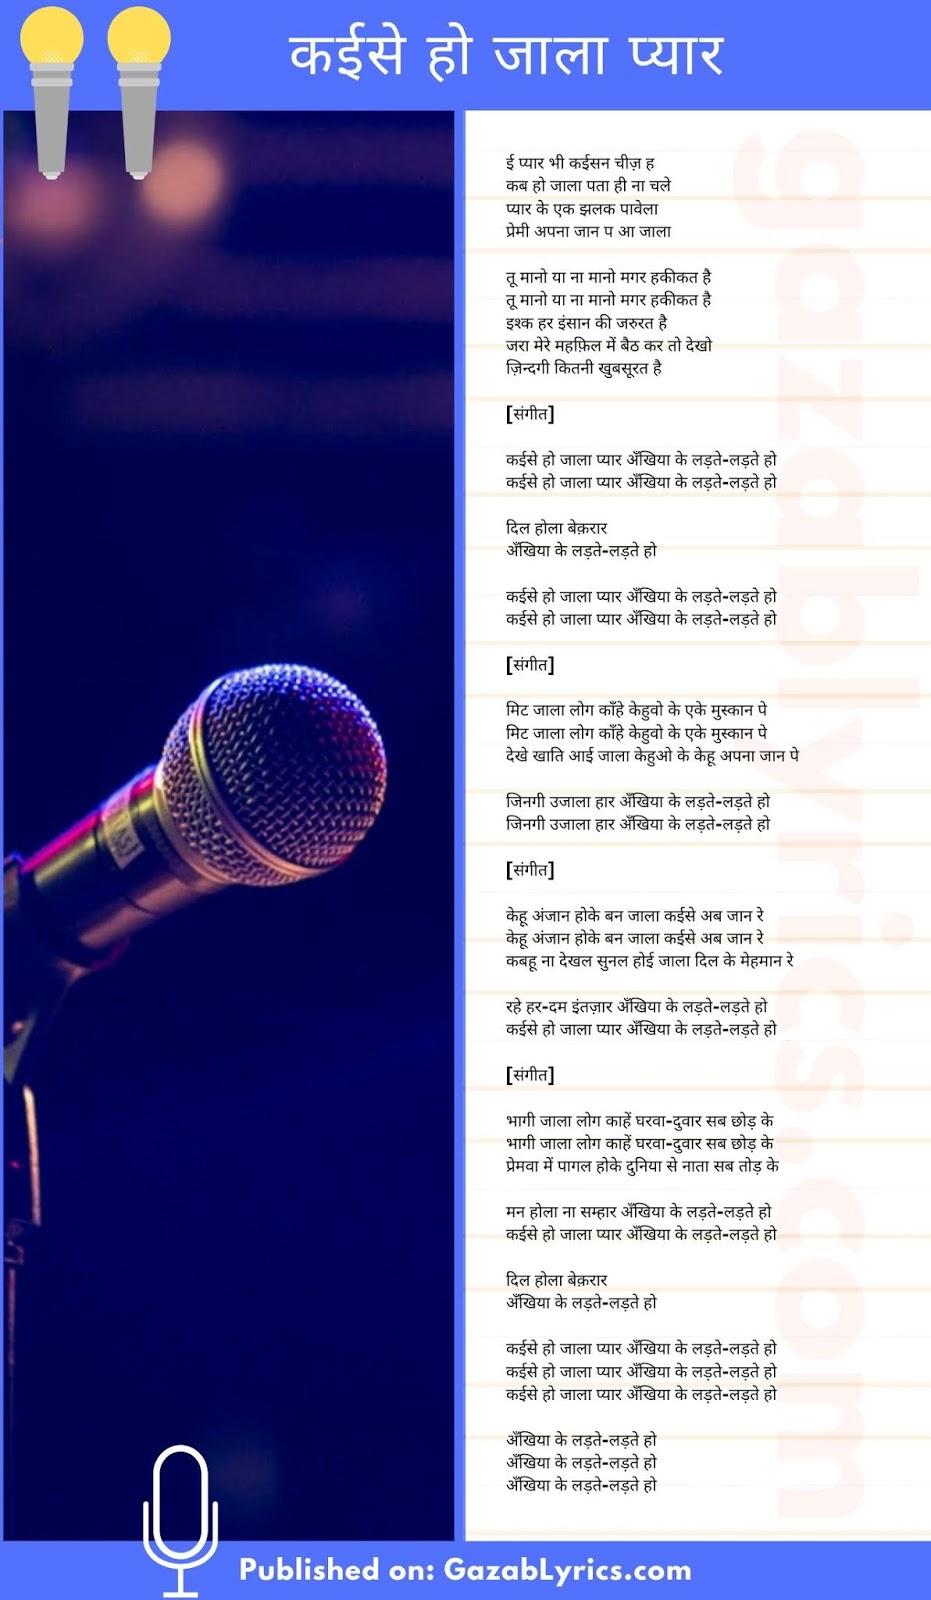 Kaise Ho Jala Pyar song lyrics image